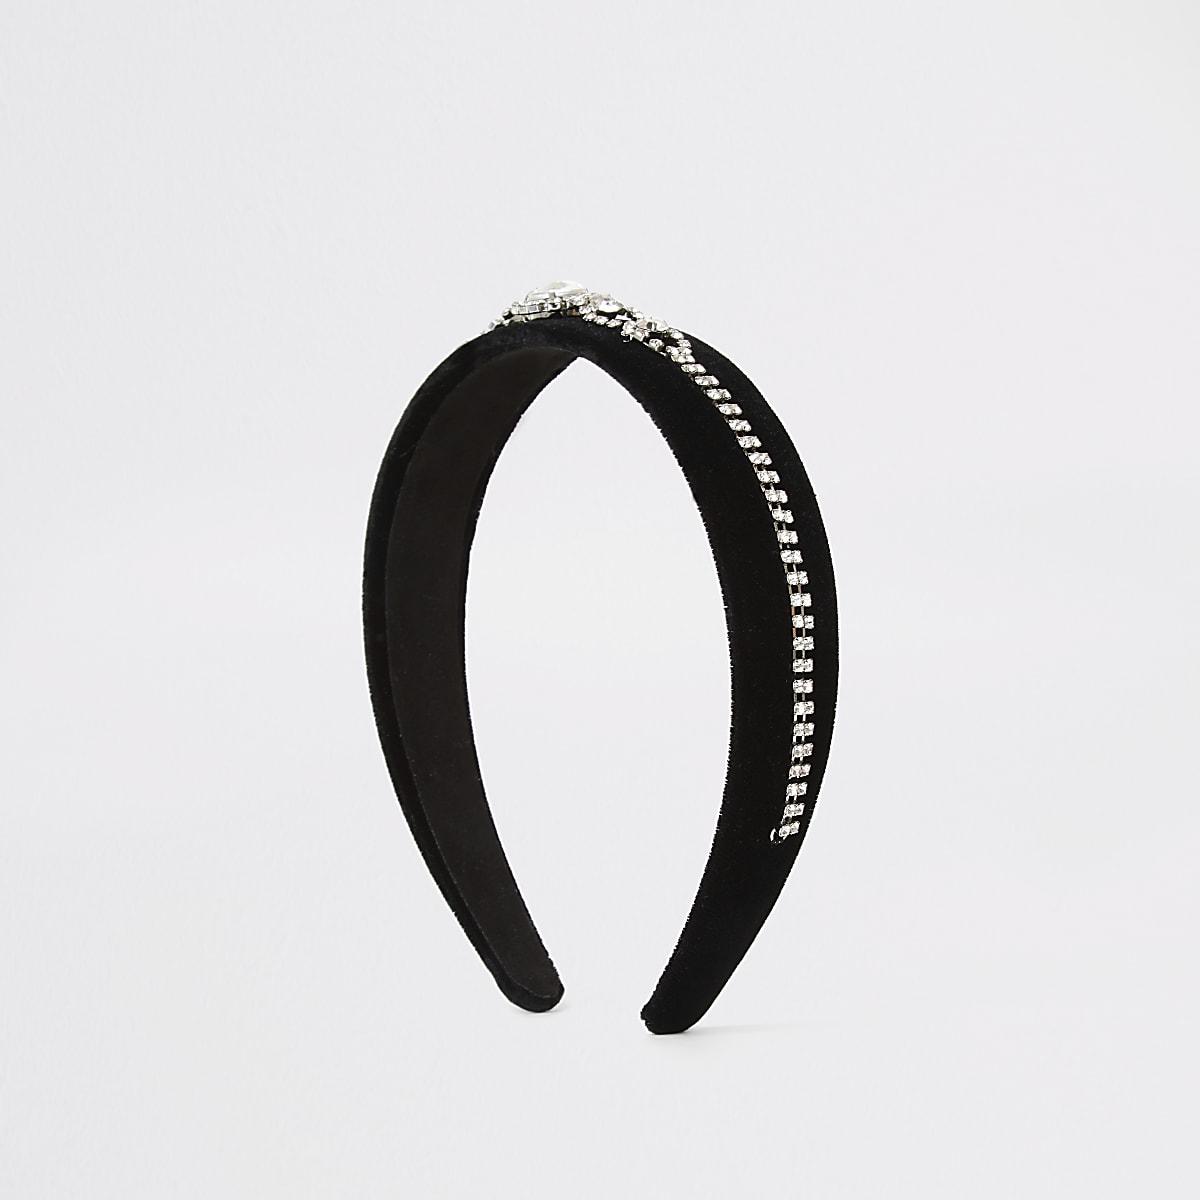 Zwarte fluwelen haarband verfraaid met siersteentjes